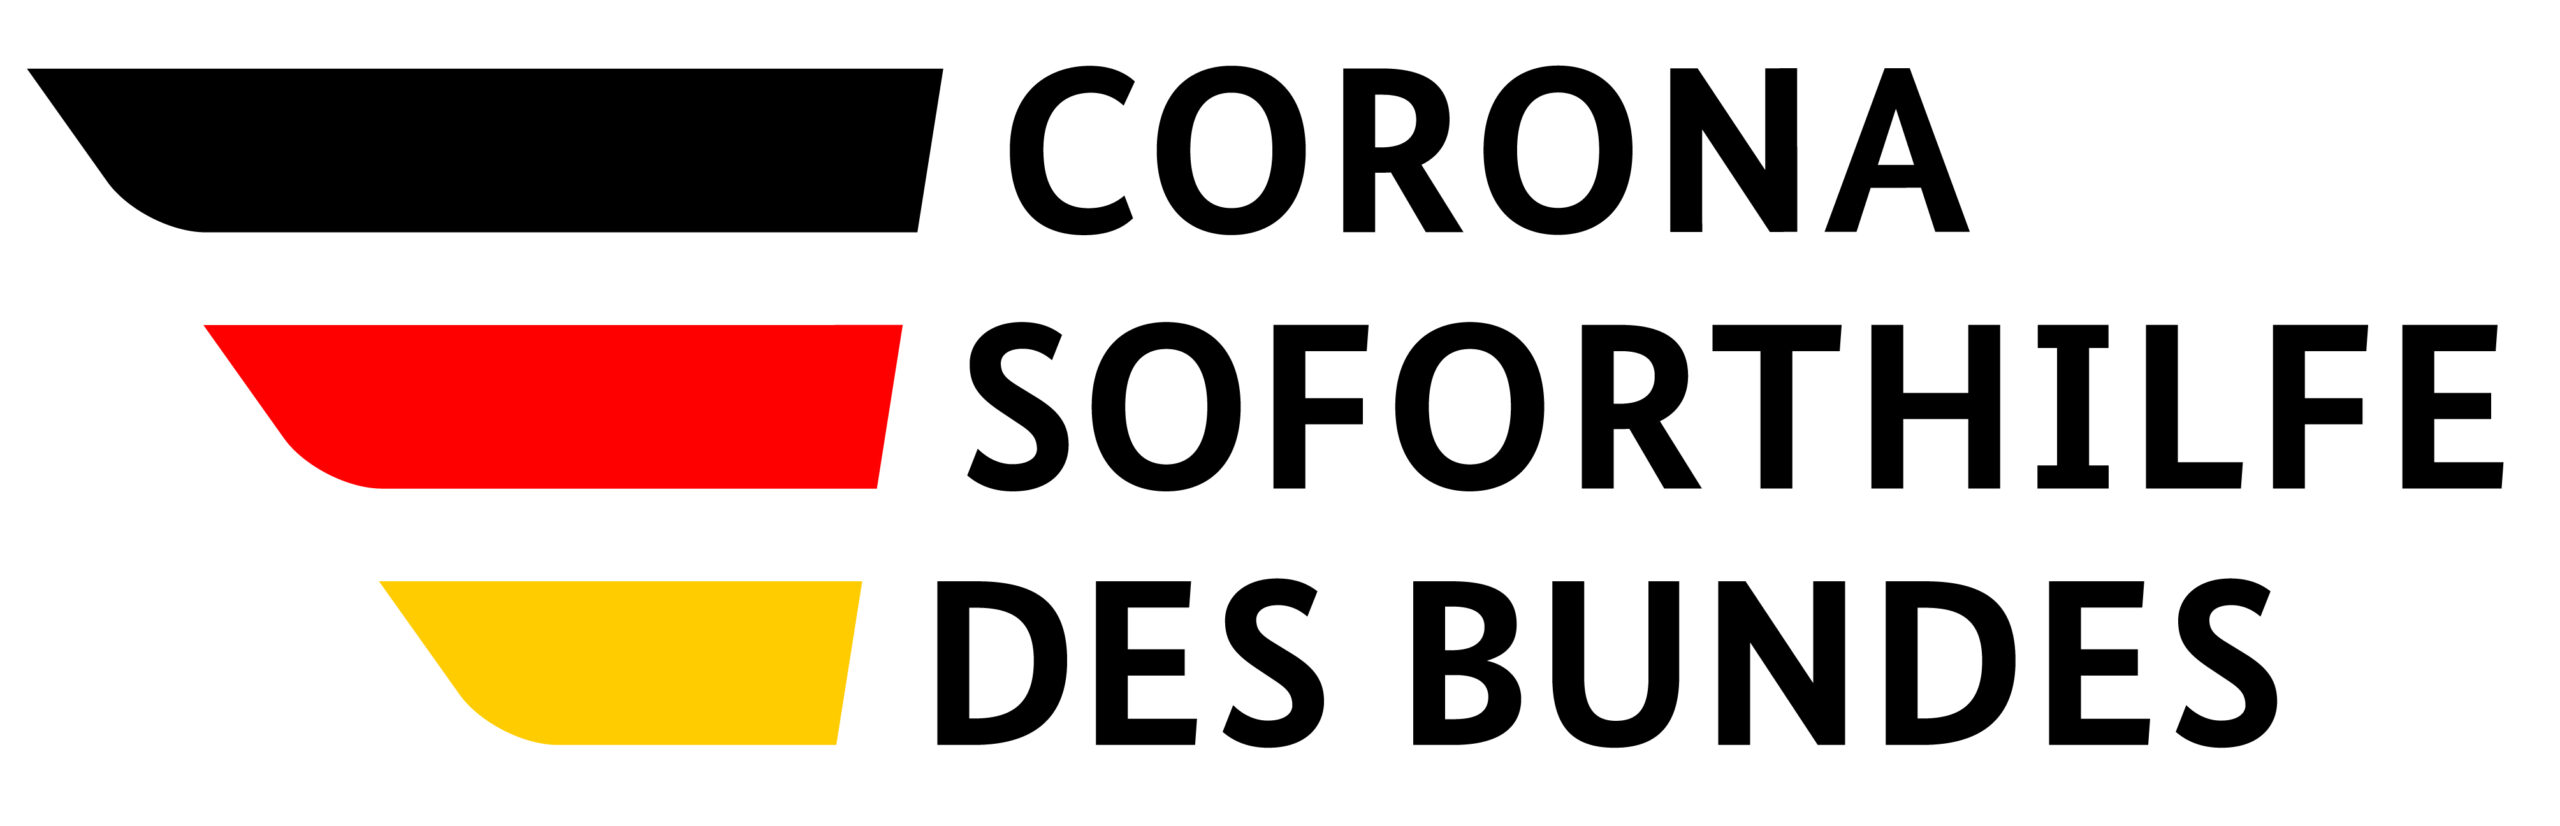 Corona Soforthilfe des Bundes, Logo mit schwarz-rot-goldenen Streifen.